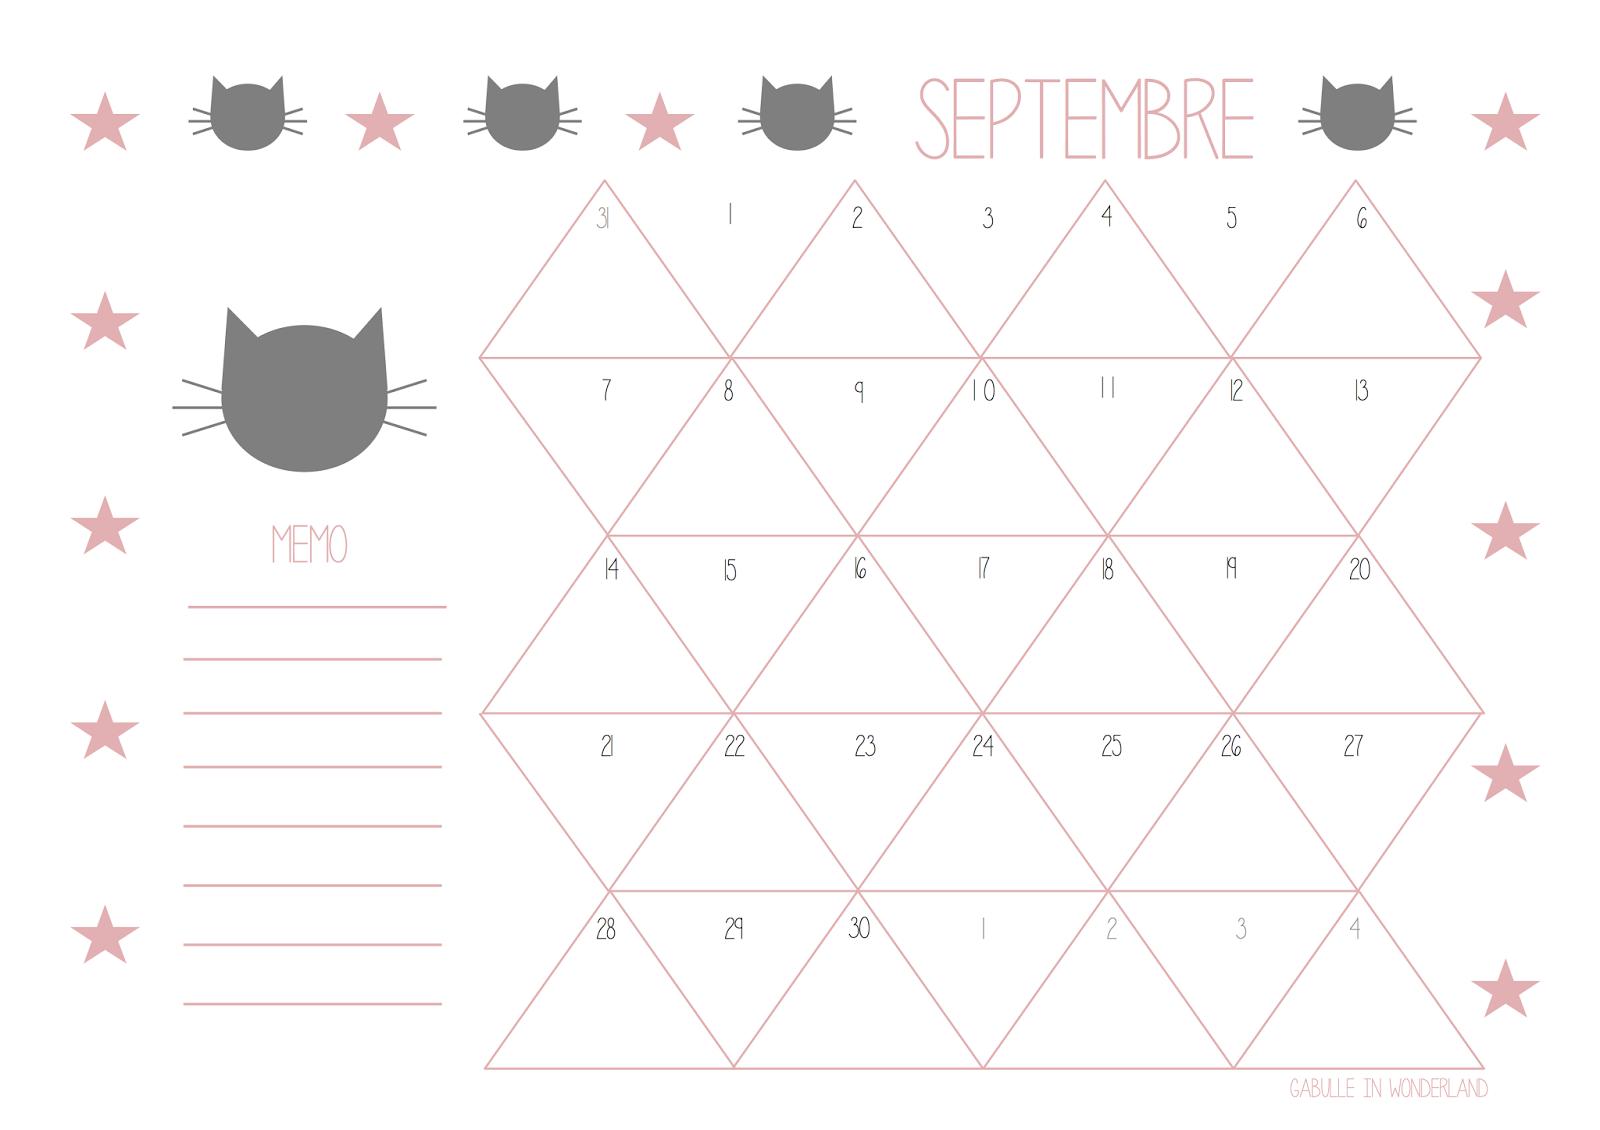 Calendrier Mois De Septembre.Gabulle In Wonderland Calendrier Du Mois De Septembre A